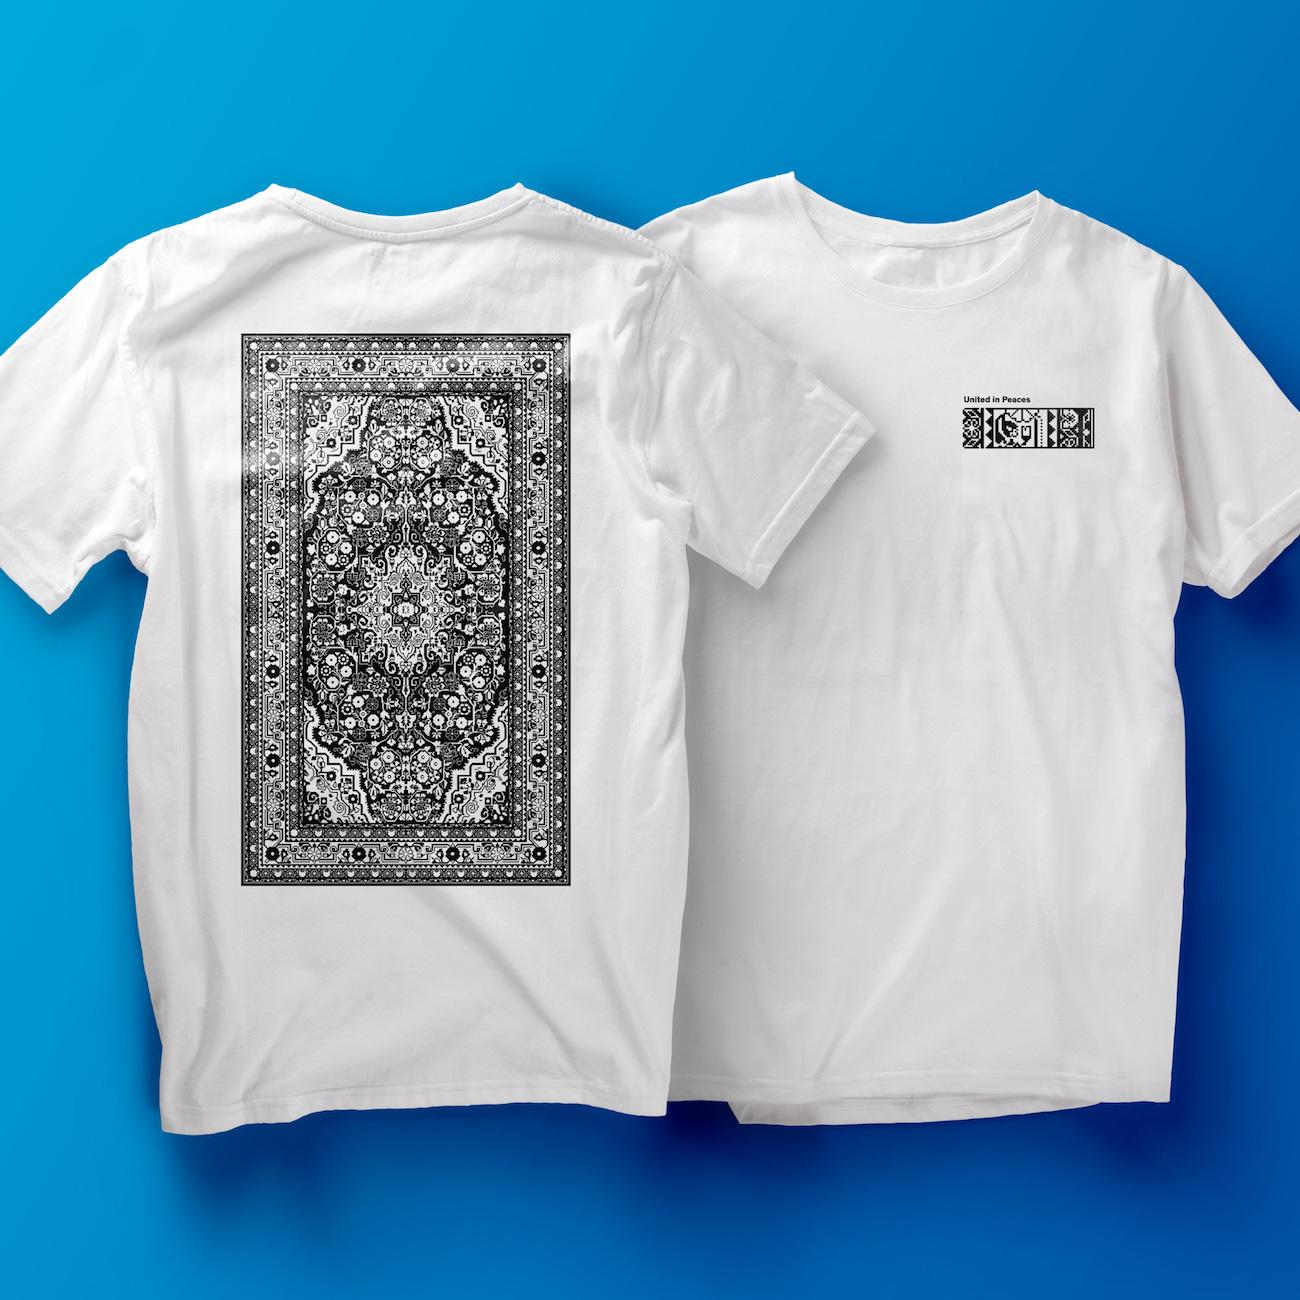 2erpack T-Shirt mit Teppich-Illustration für Studio Clash